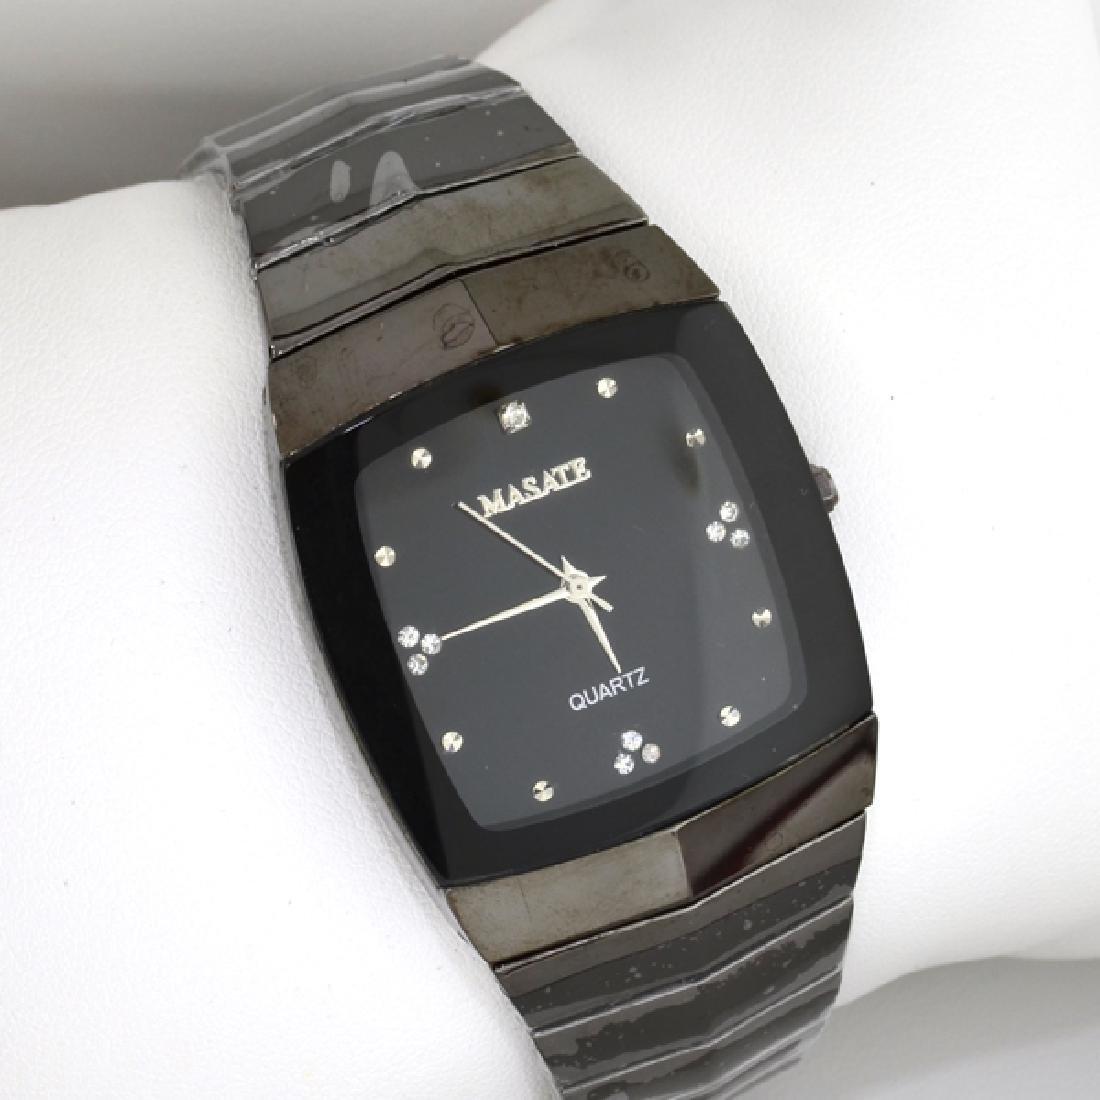 Mseta Designer Quartz Men's Watch